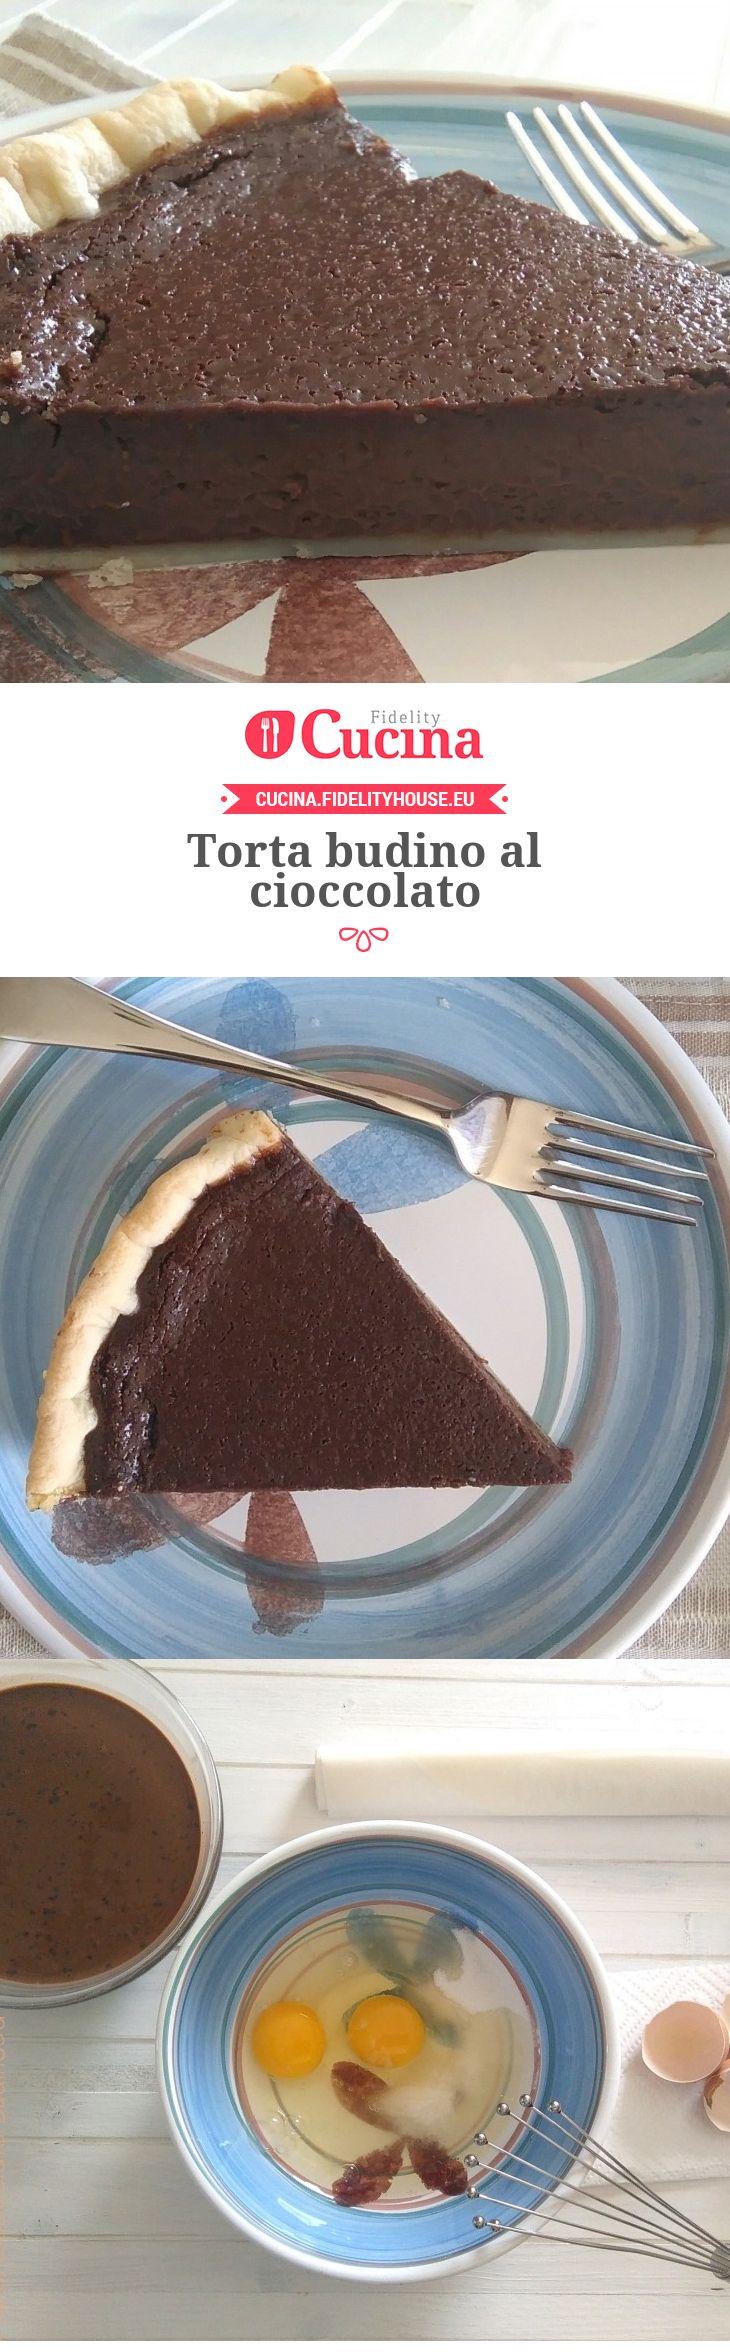 Torta budino al cioccolato